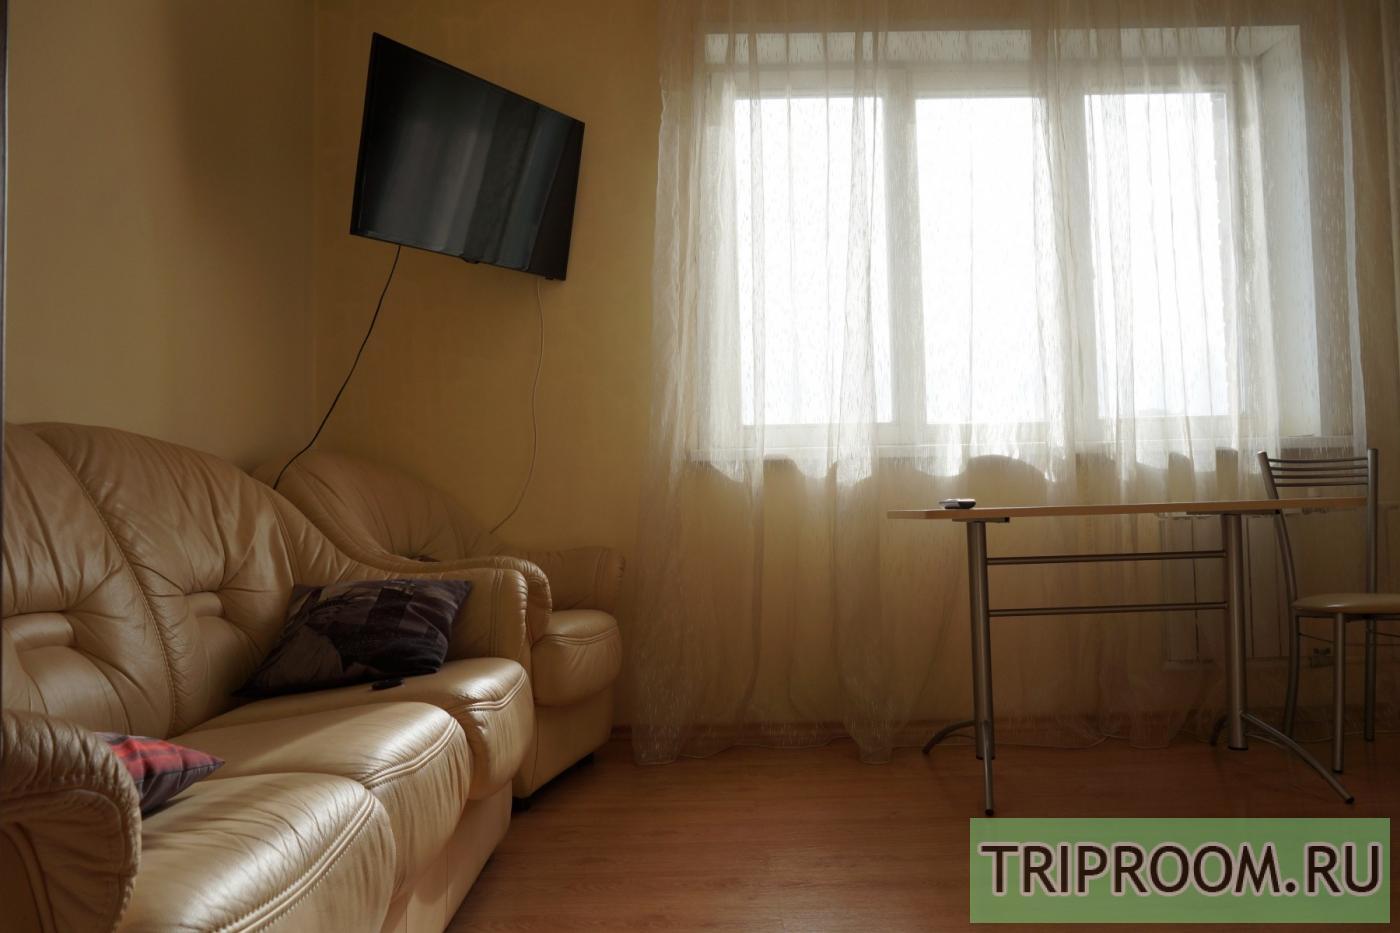 1-комнатная квартира посуточно (вариант № 23799), ул. Авиаторов улица, фото № 12